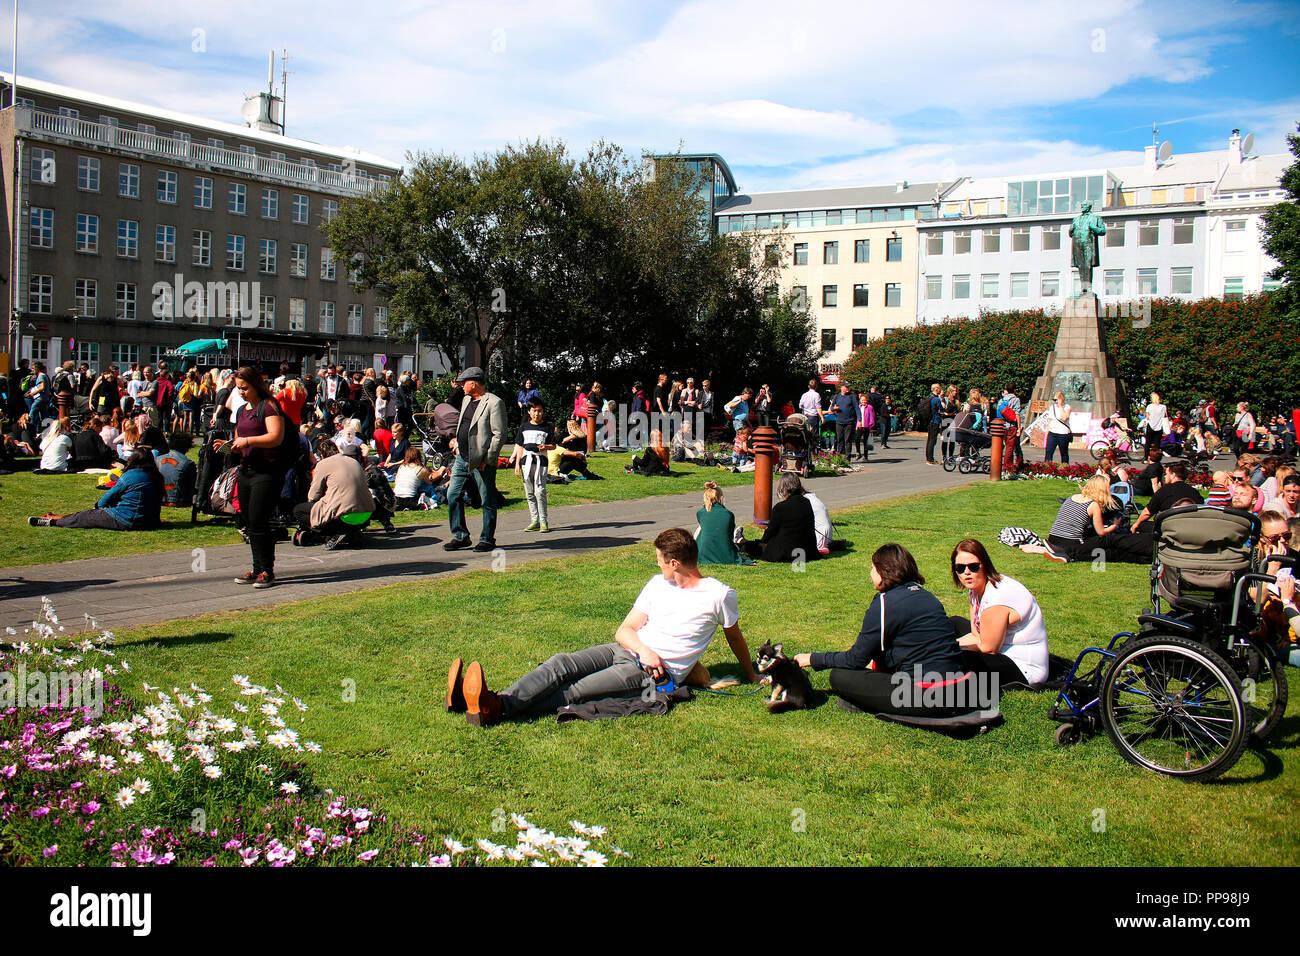 Kundgebung nach dem 'Slutwalk', einer weltweiten Demonstration fuer die sexuelle Sebstbestimmung von Frauen, Austurvoellur, Reykjavik, Island. - Stock Image